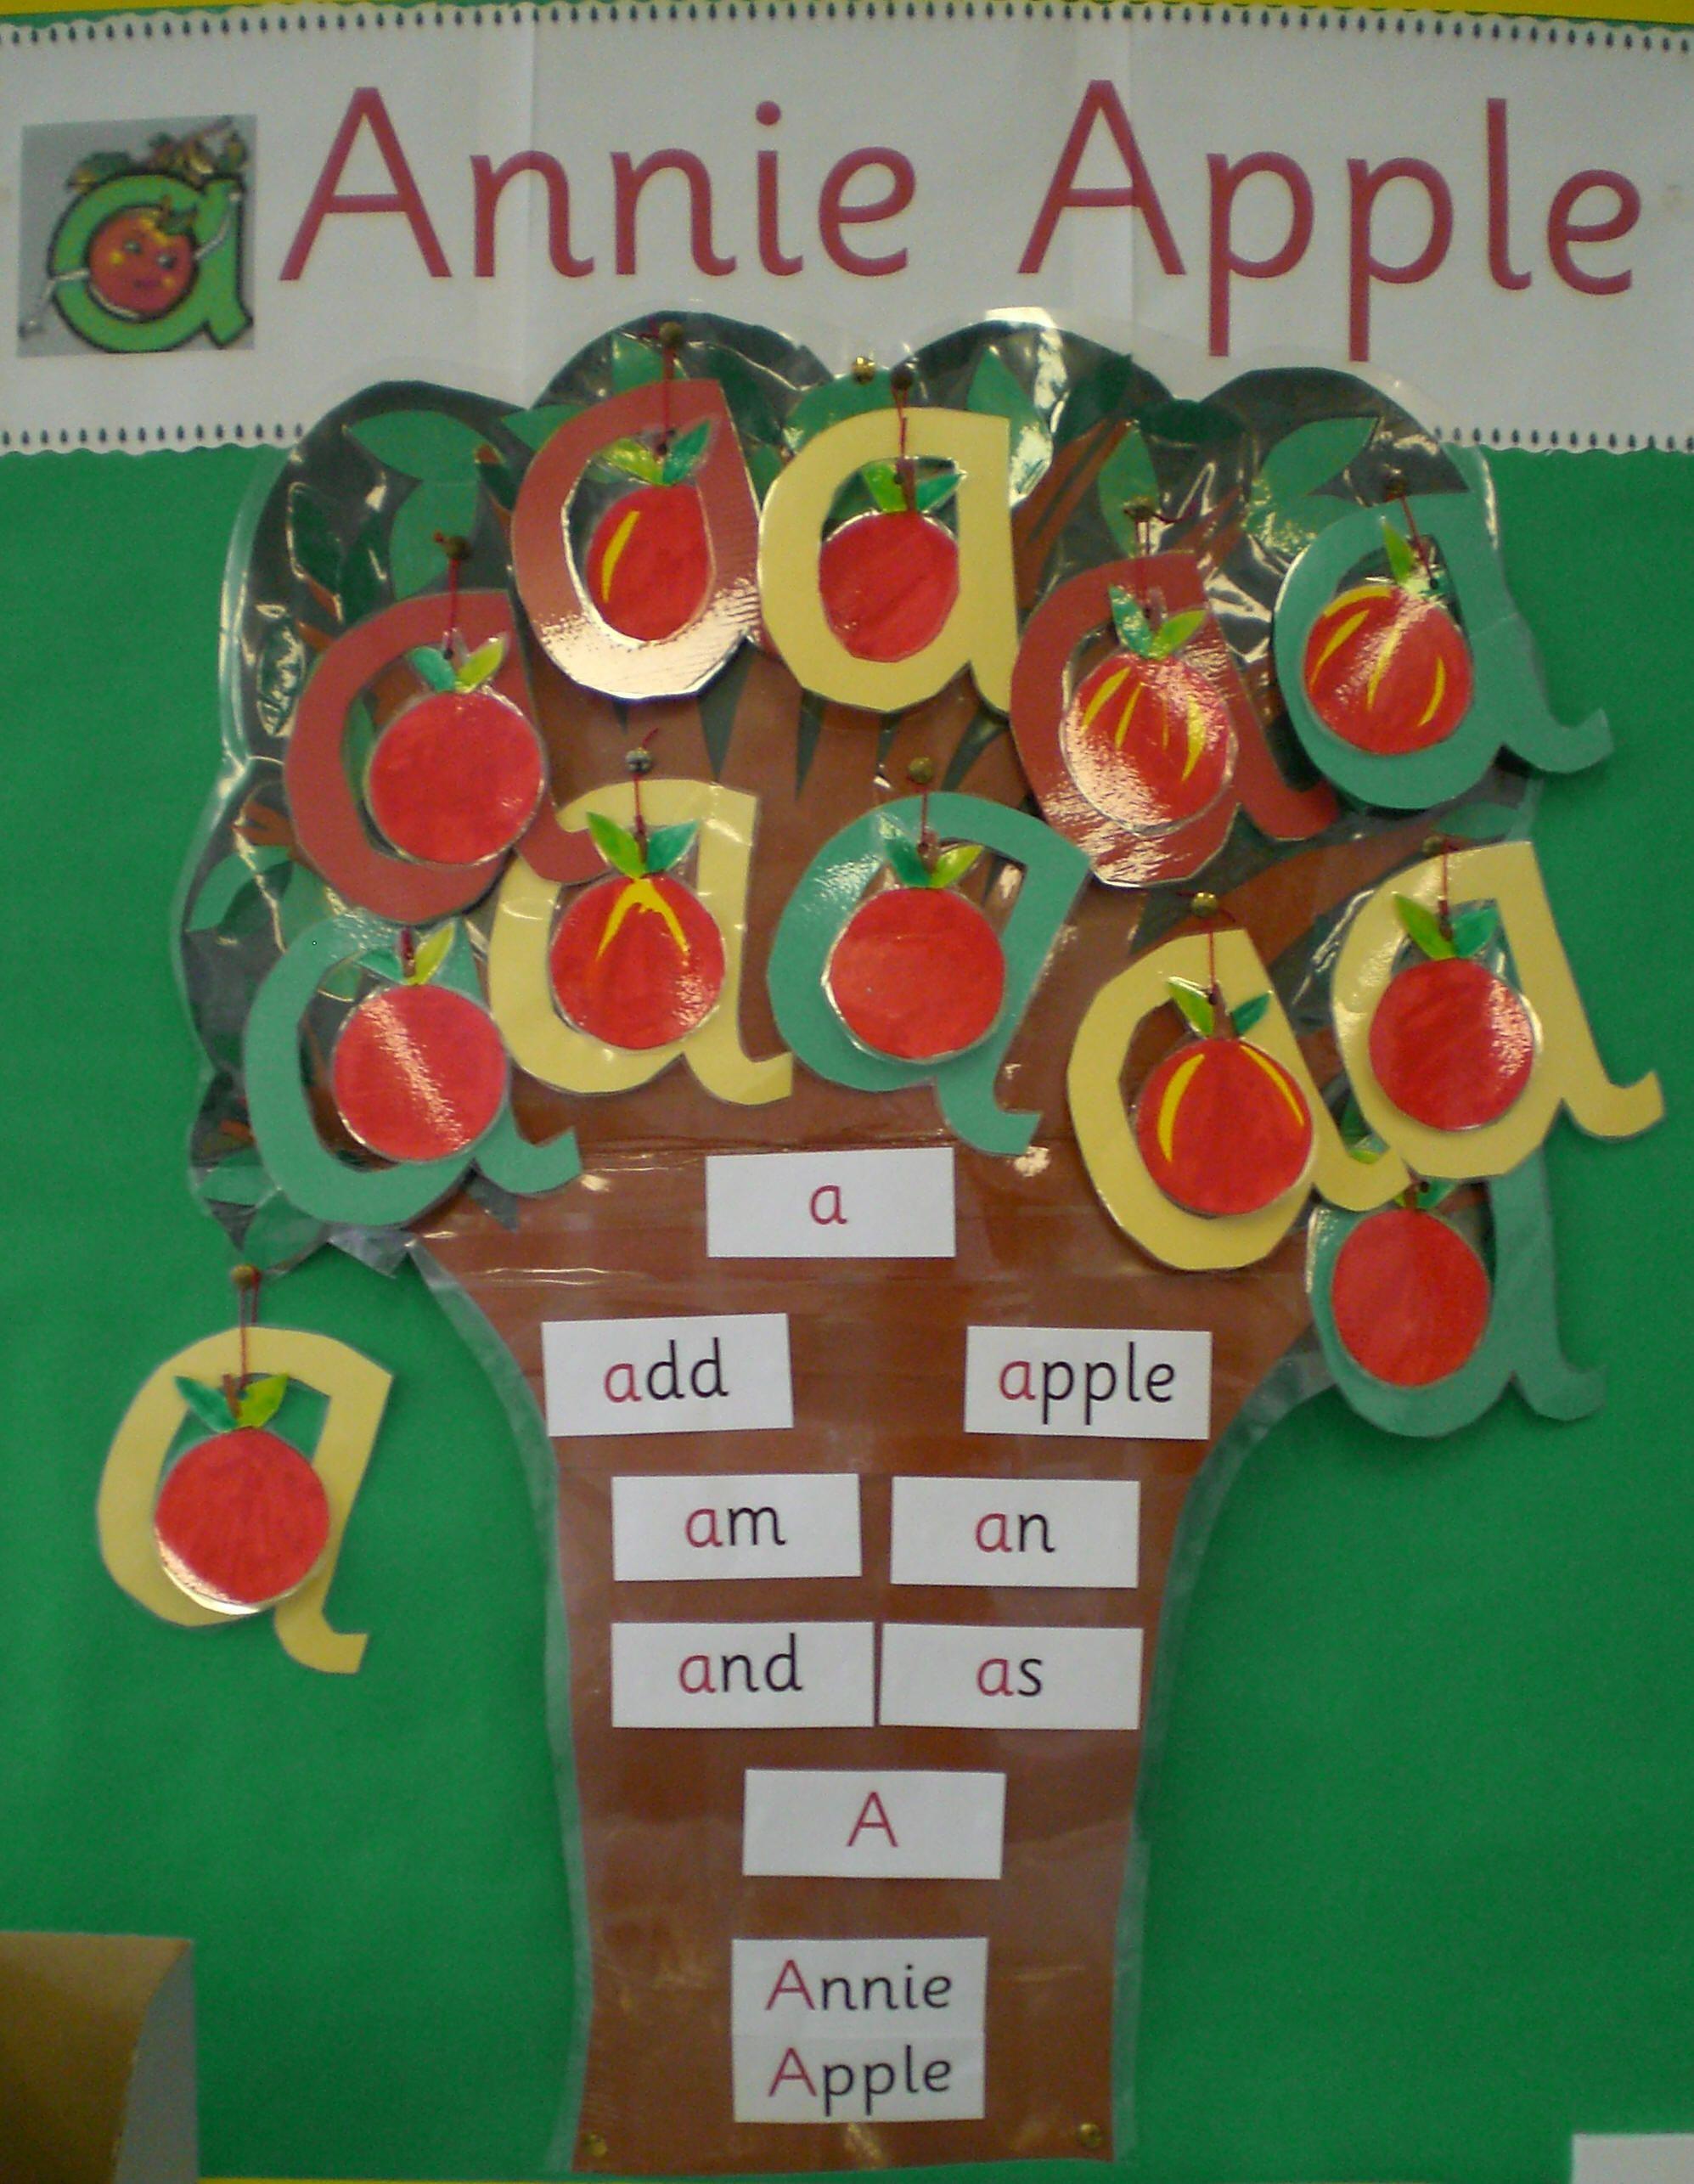 Blends Sh Primary Eyfs Activities Preschool Themes Art Activities [ 2572 x 1995 Pixel ]